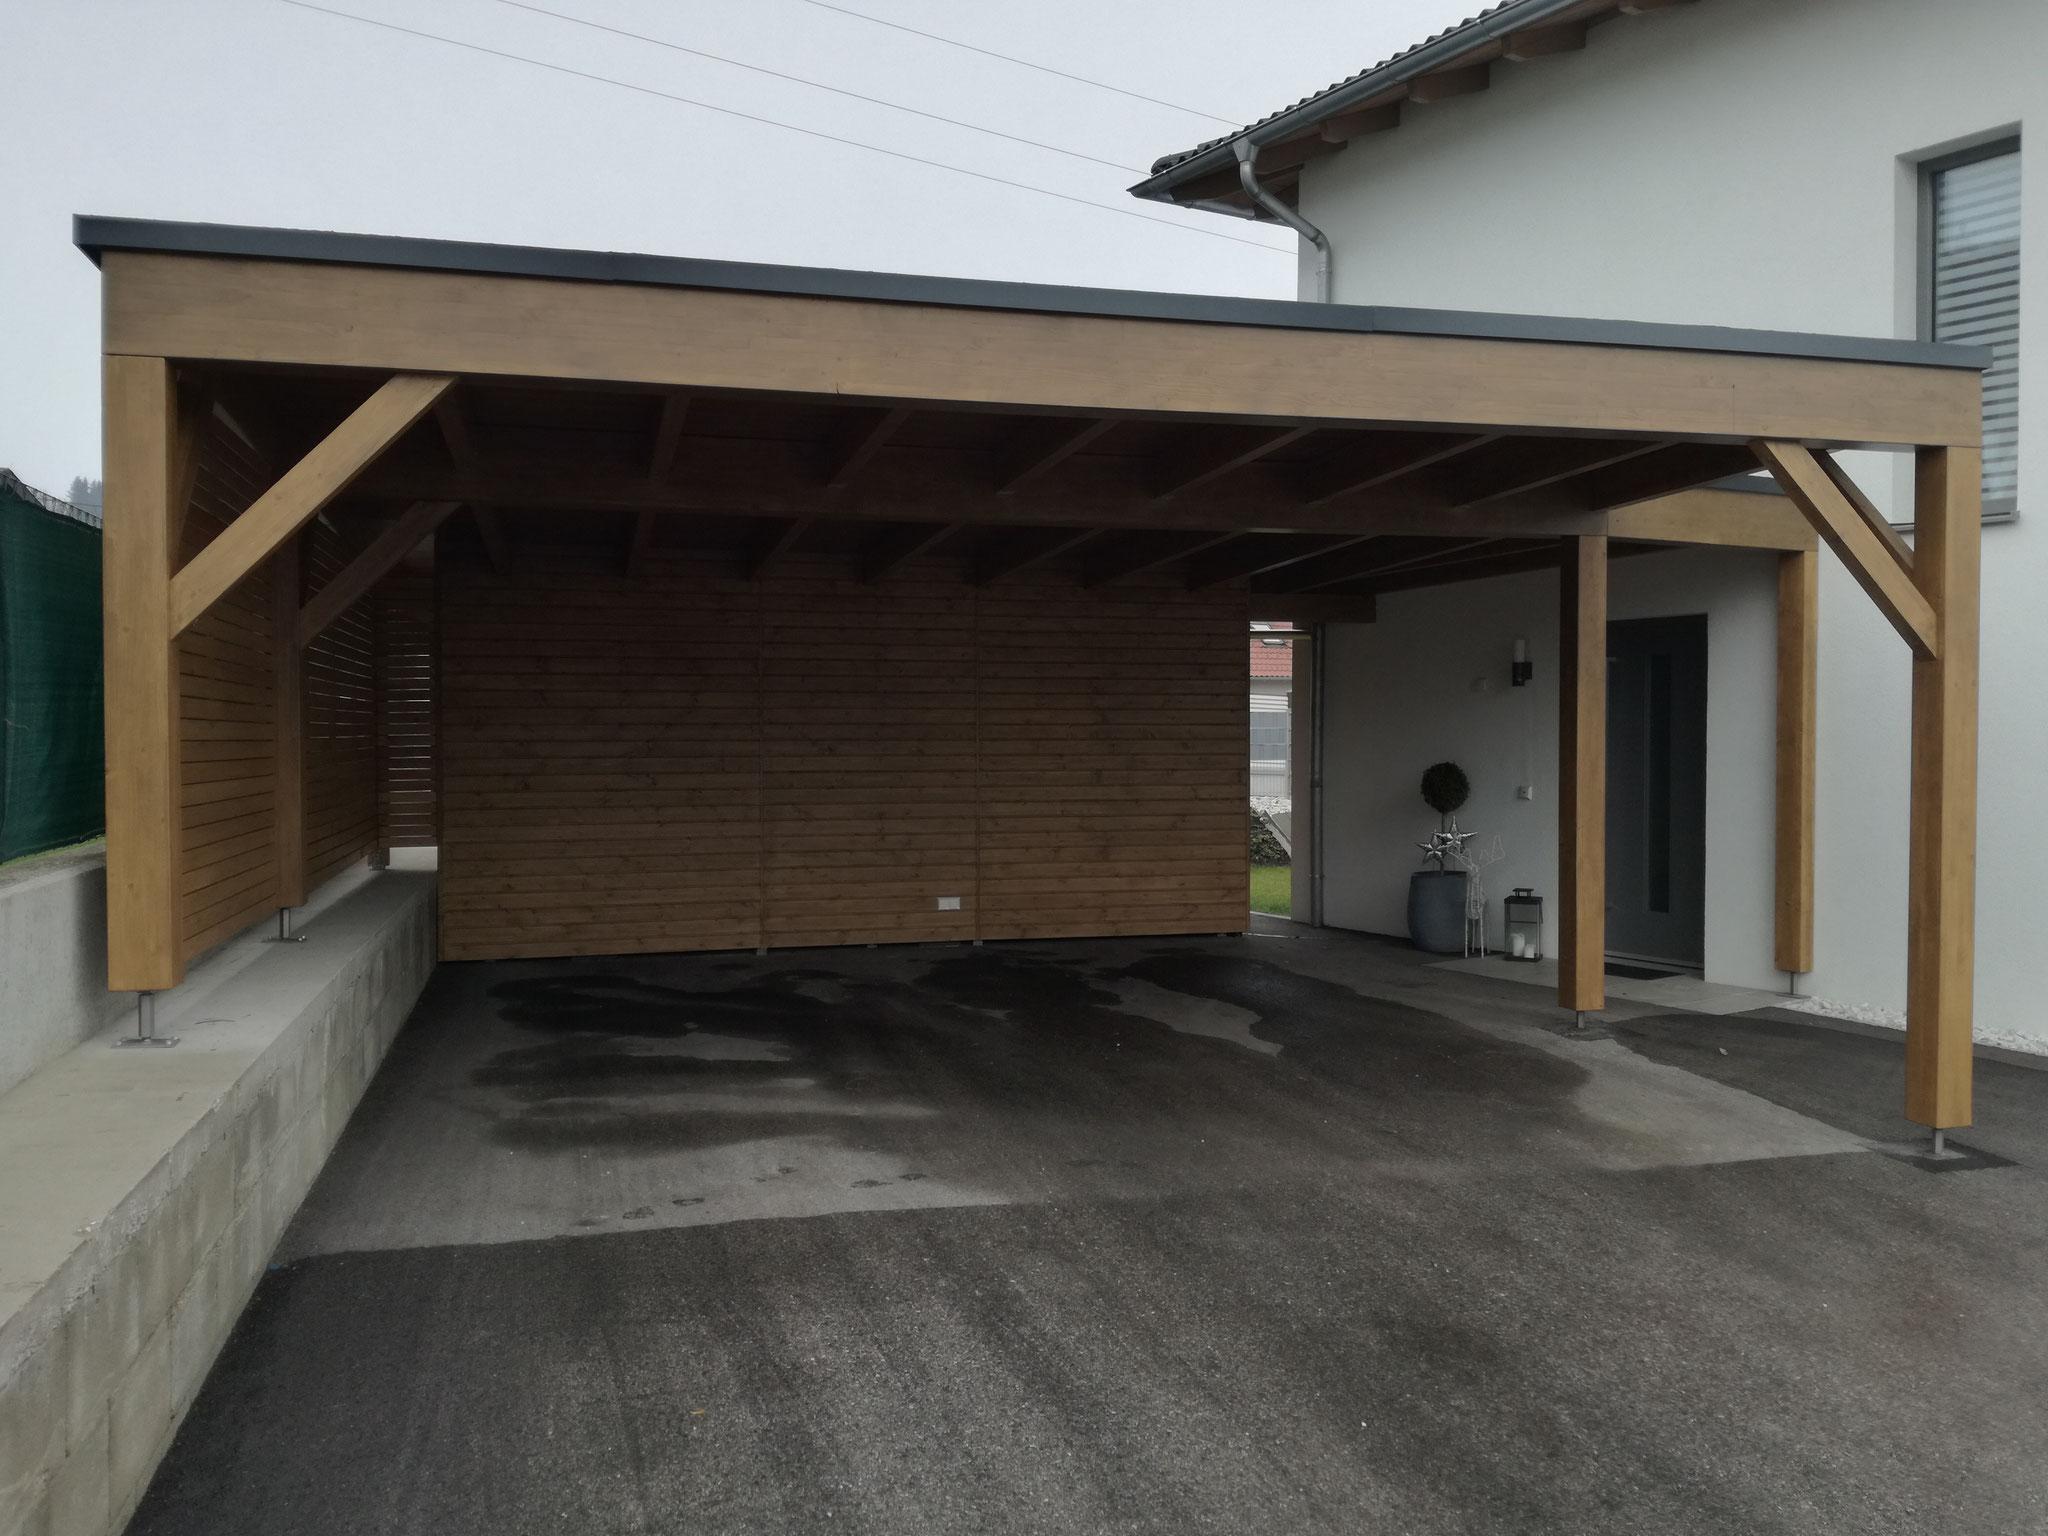 Carport mit Sichtschutzzaun/Abstellraum und Resitrix Dacheindeckung